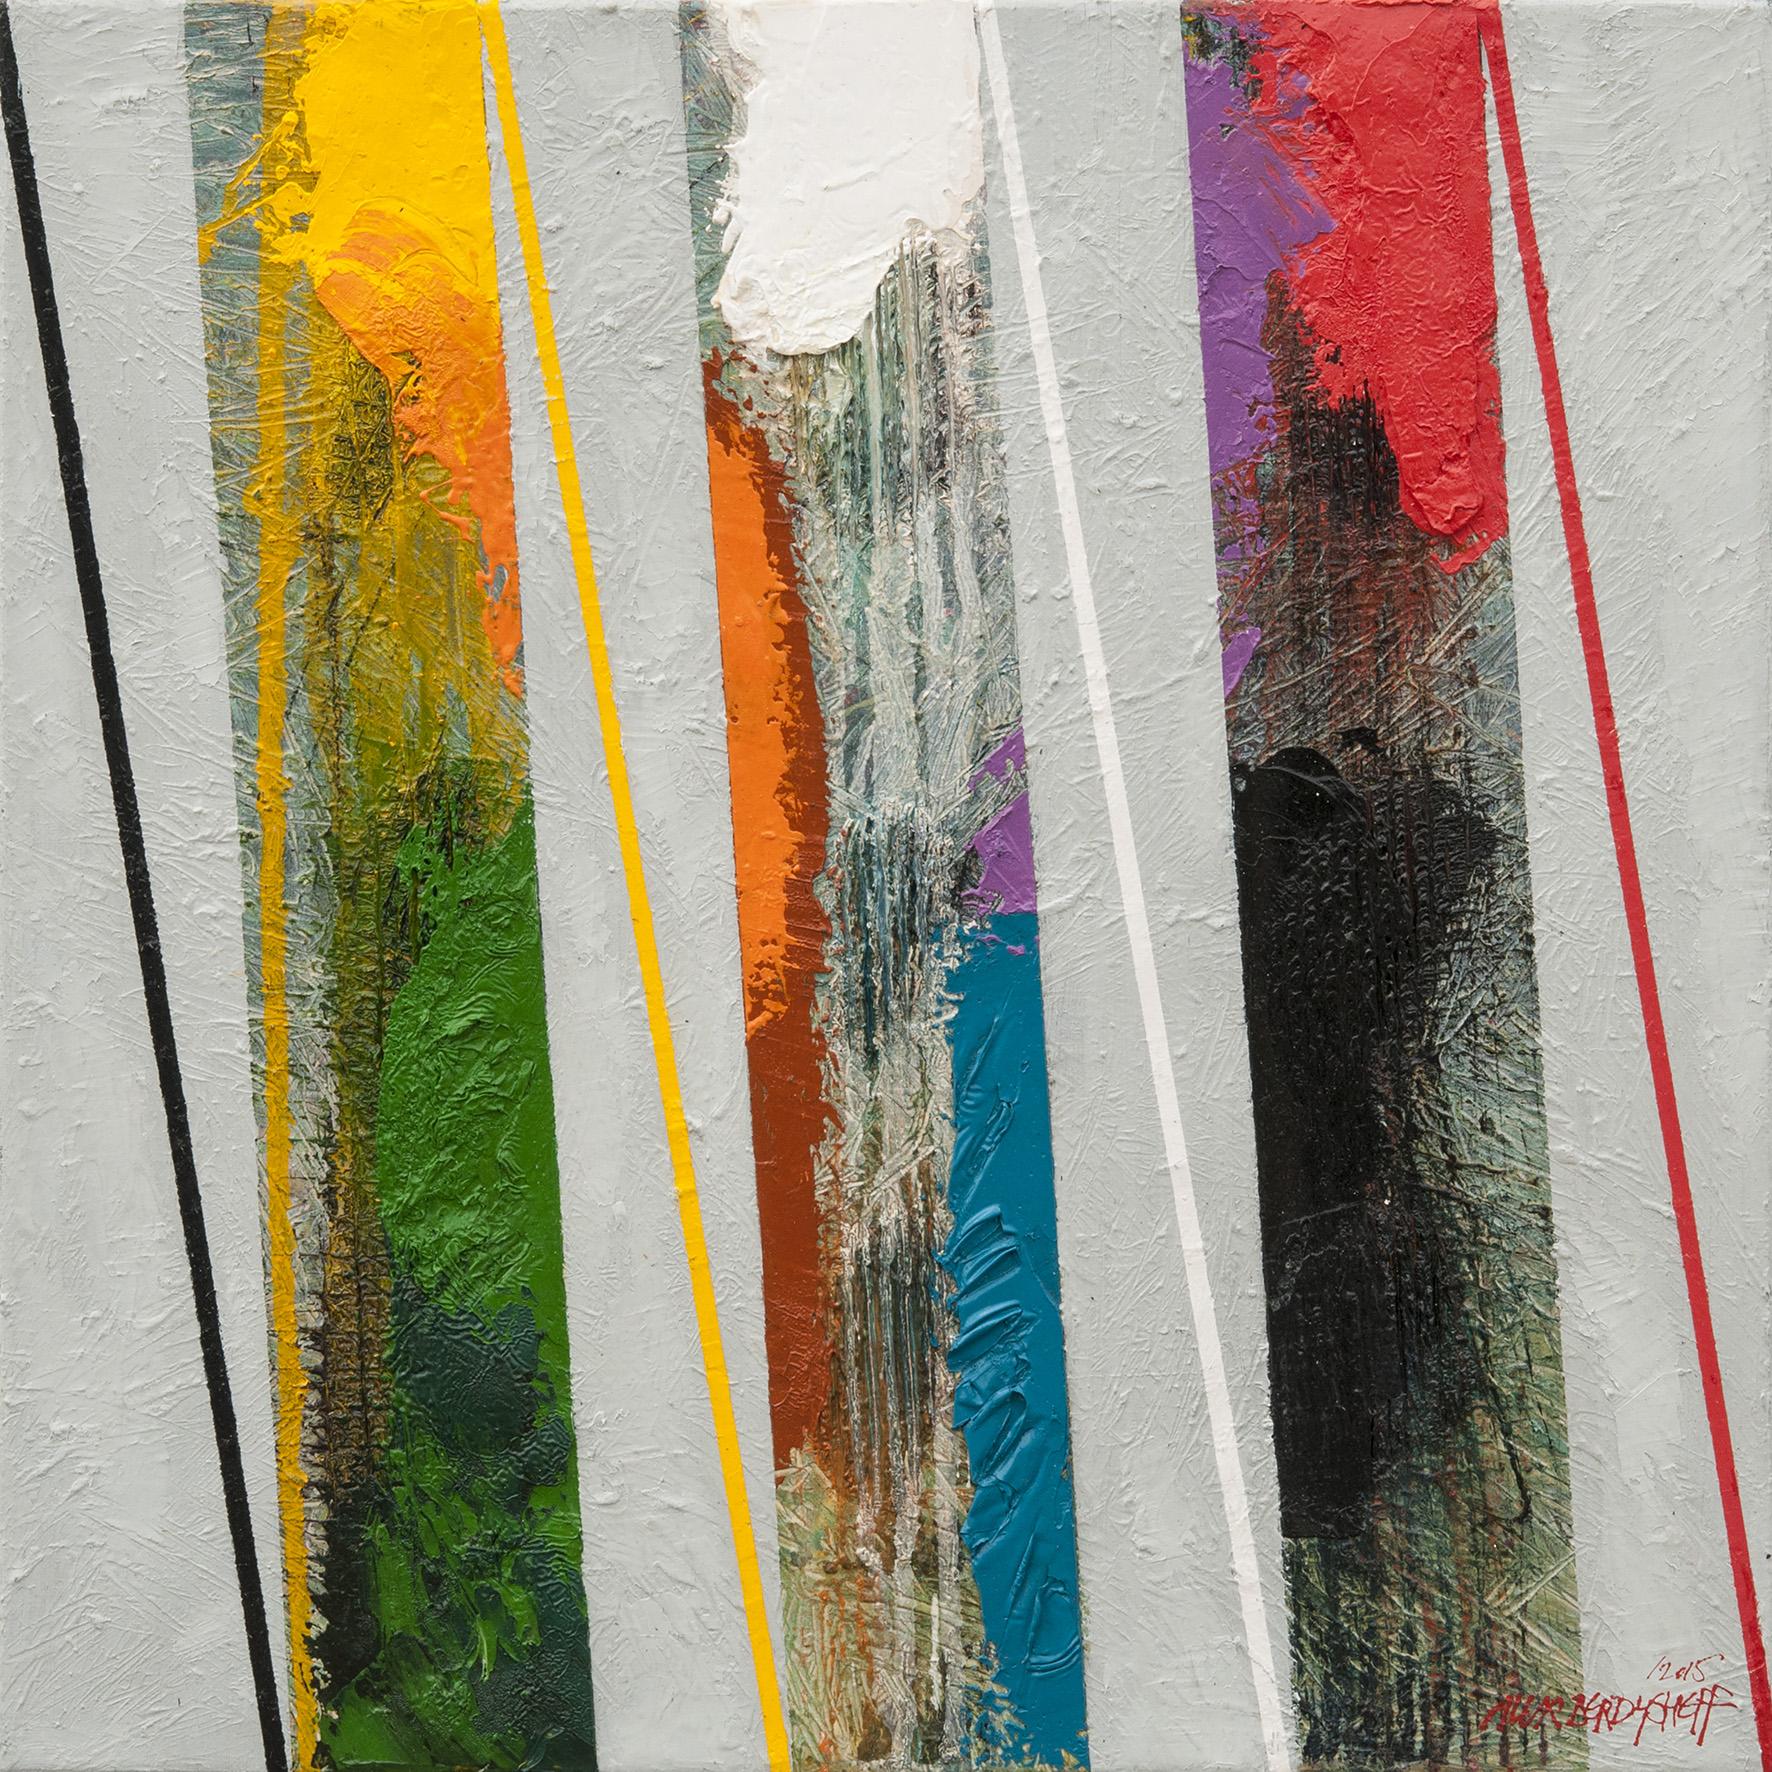 Rhythm I, oil on canvas, 46x46 cm, 2015